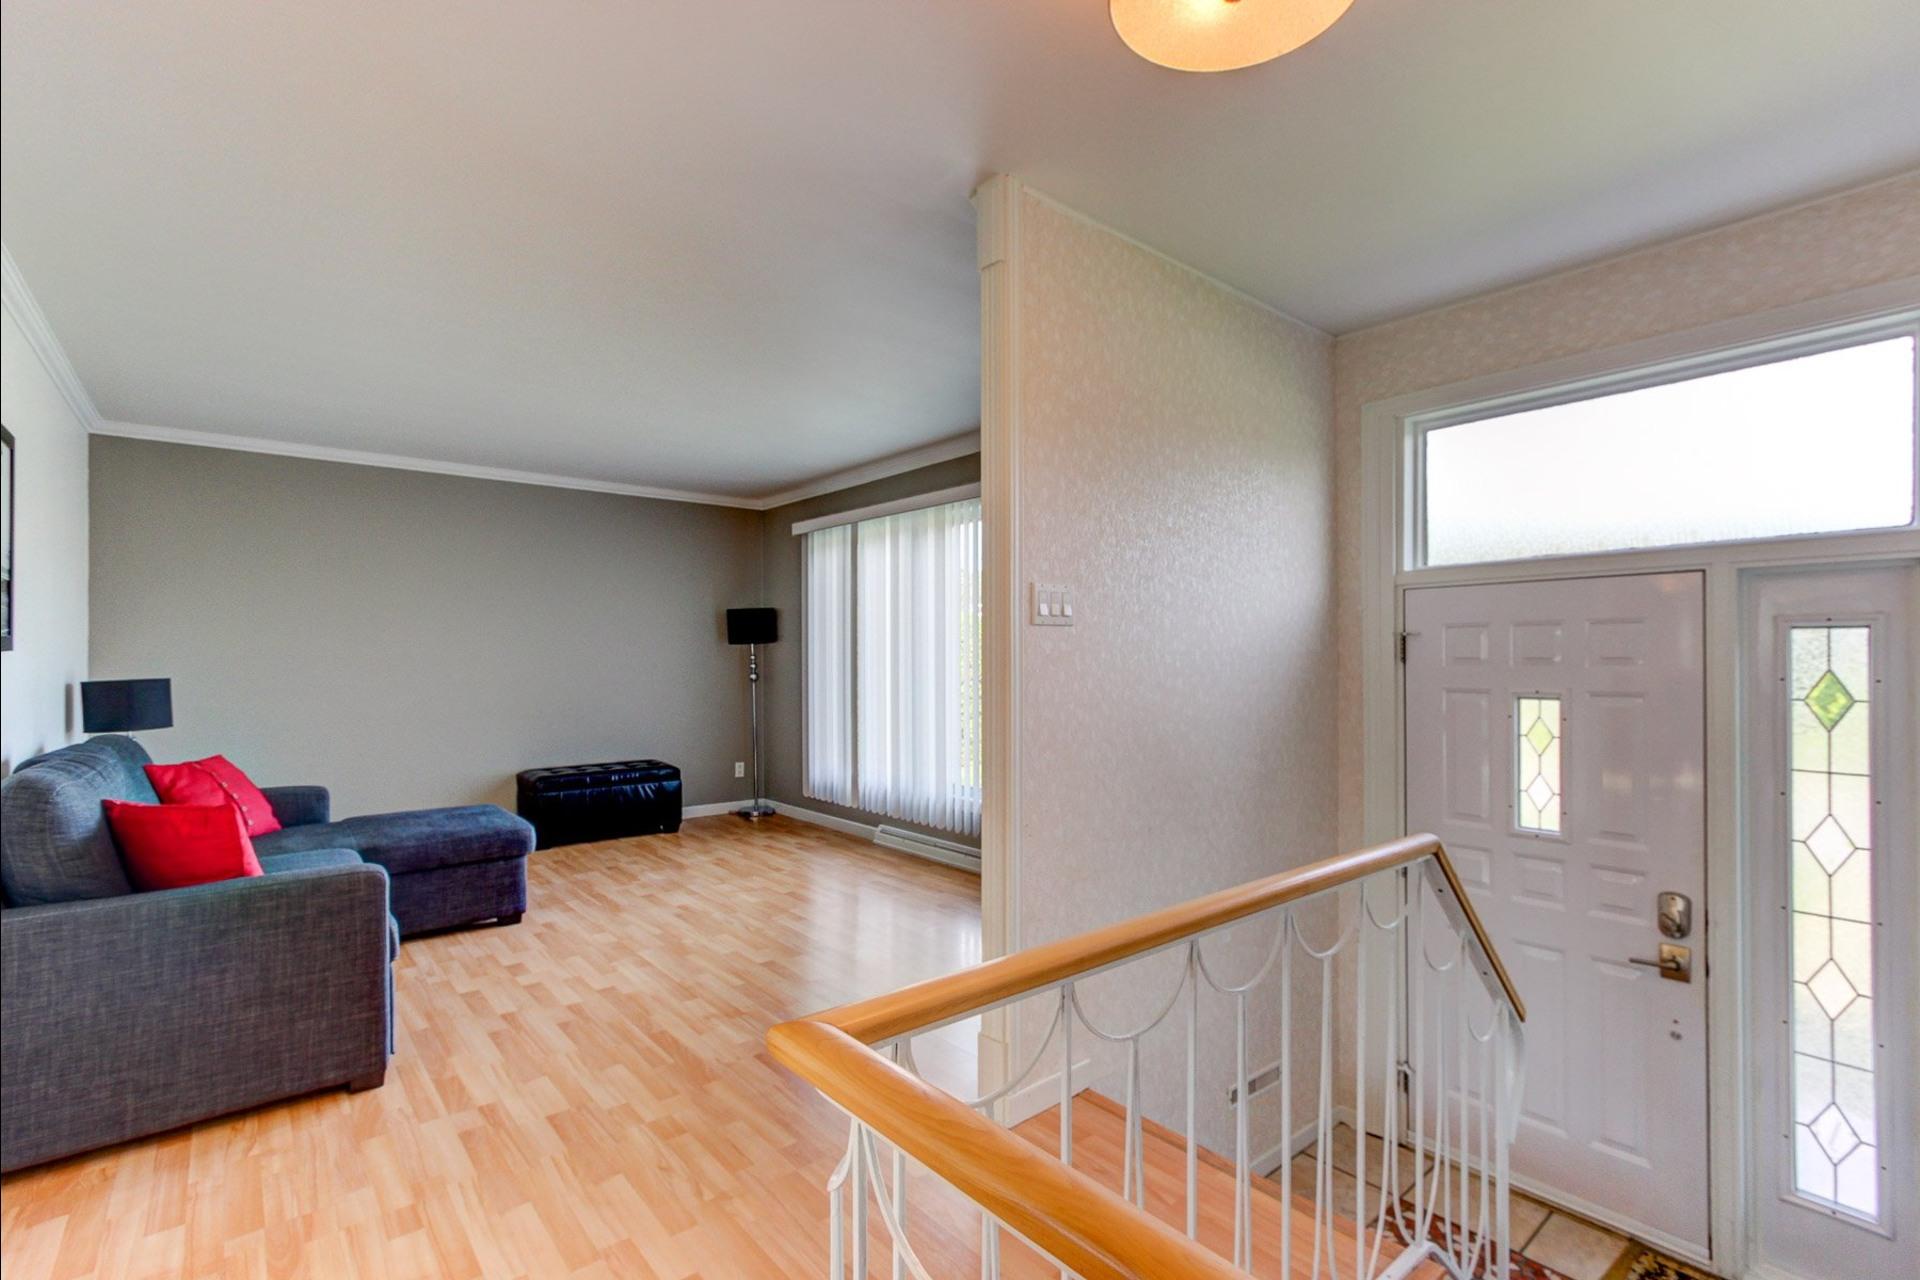 image 6 - House For sale Trois-Rivières - 12 rooms